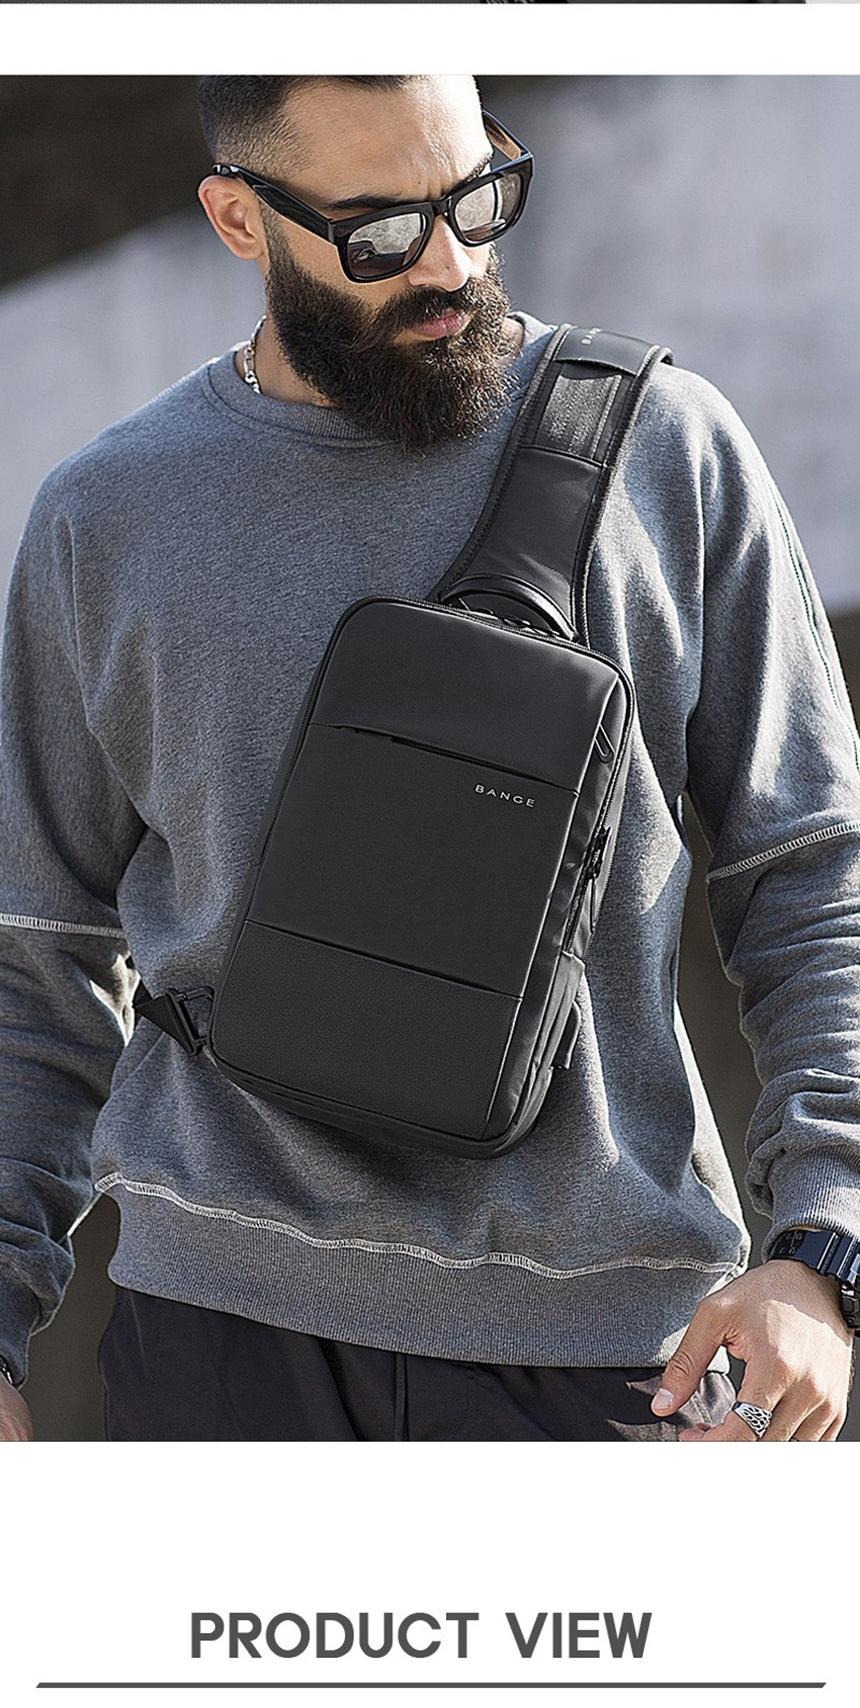 학생가방,대학생가방,핸드폰가방,여행보조가방